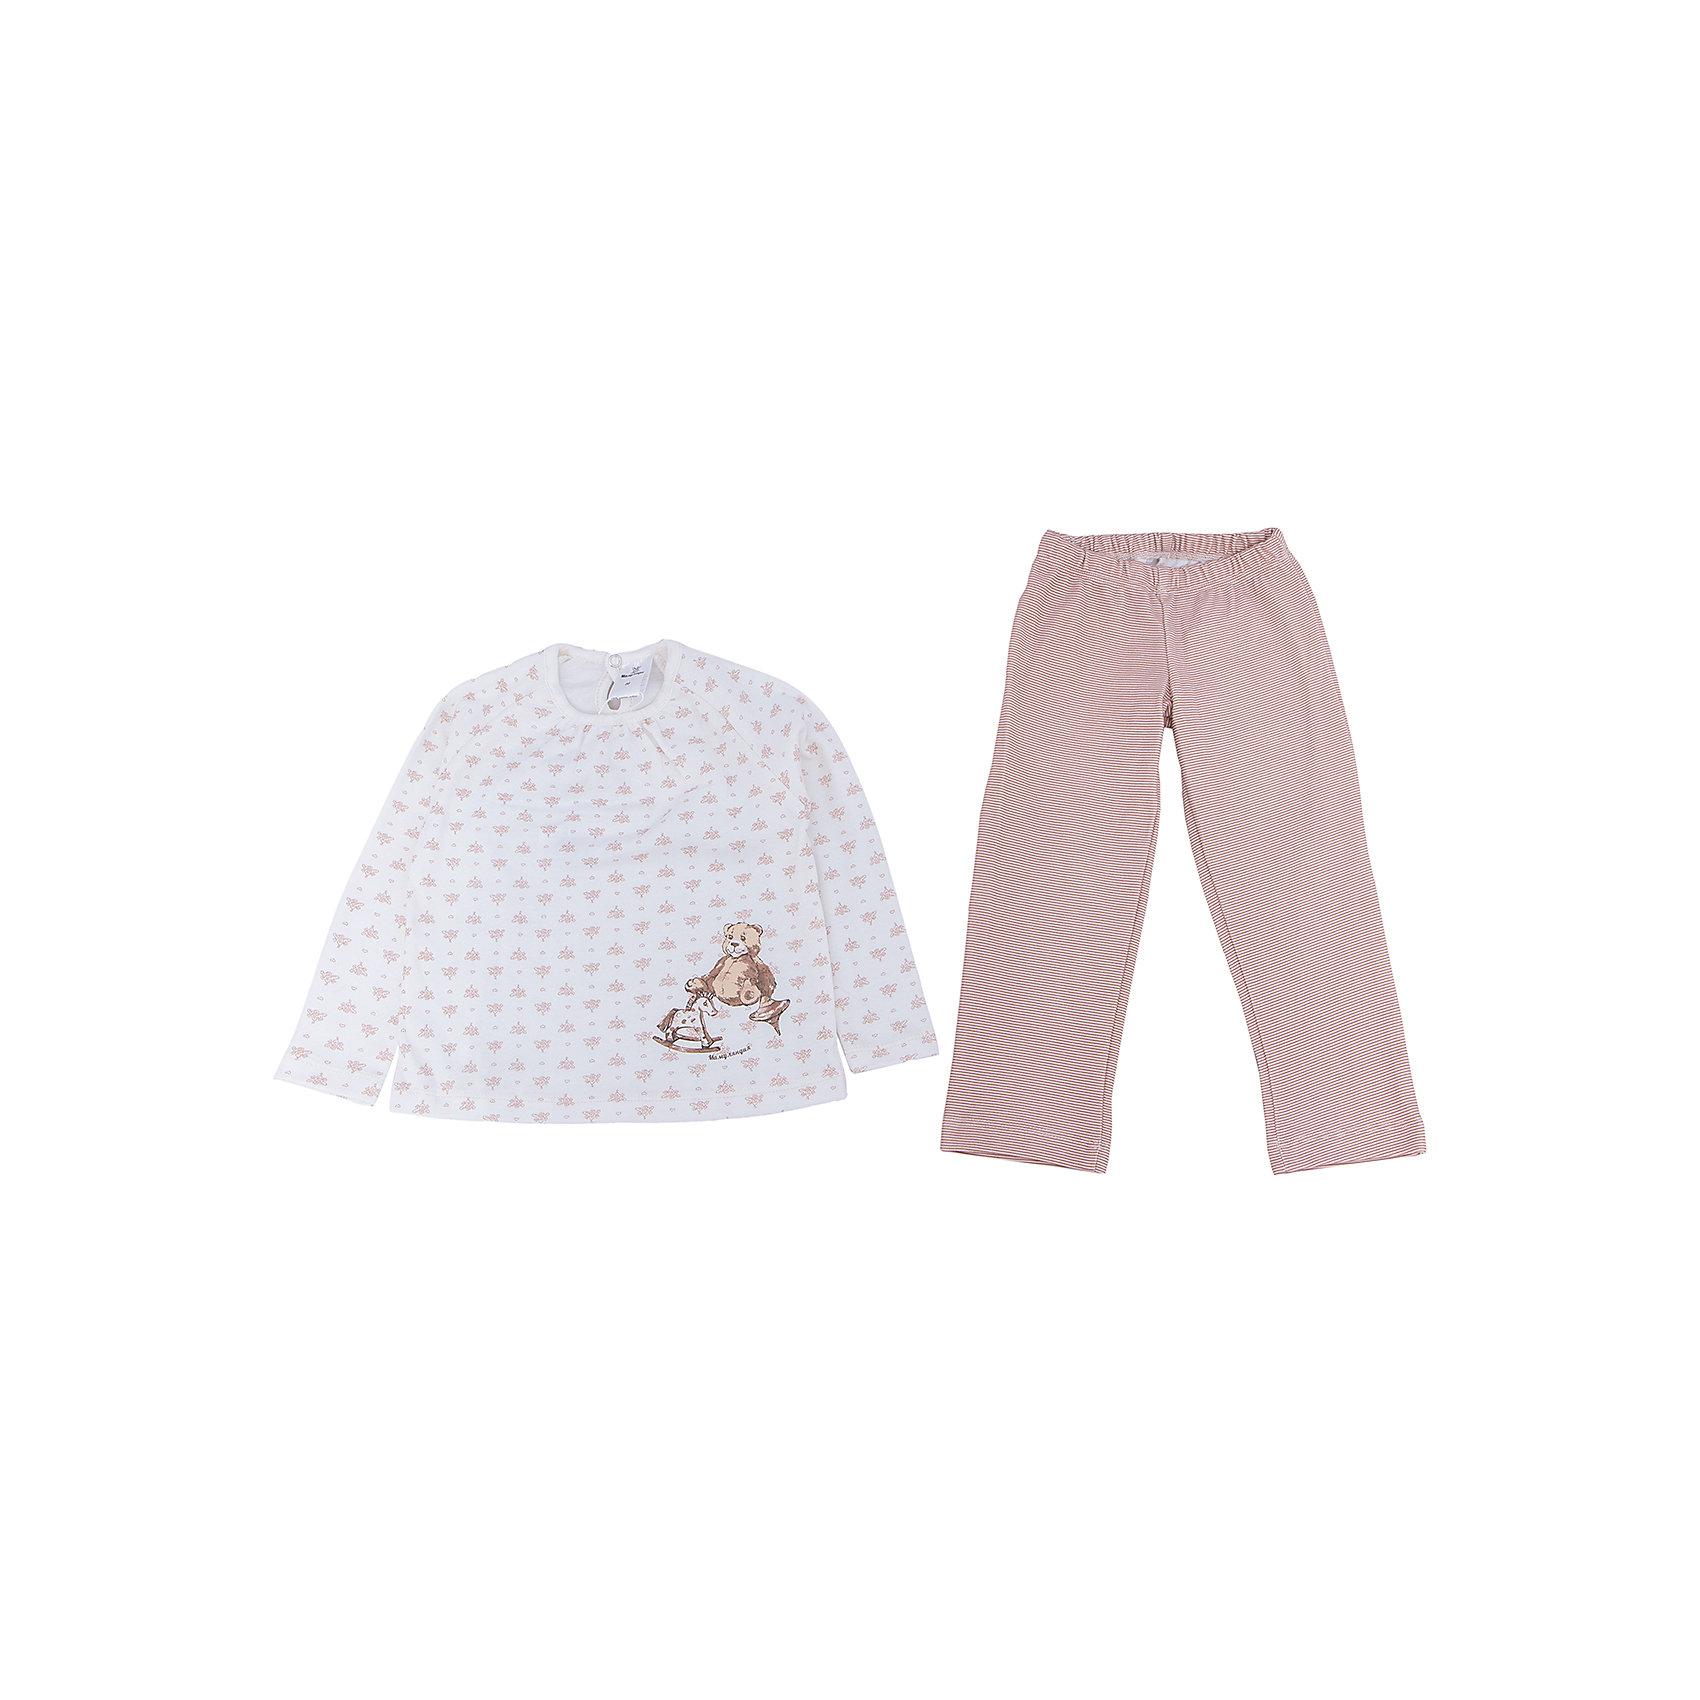 Комплект МамуляндияКомплект домашний (пижама)  для детей, оформлен гипоаллергенным водным принтом . Изготовлен из трикотажного полотна высшего качества с фирменным набивным рисунком Мамуляндия. <br>Состав 100% хлопок (пенье)<br>Размеры: <br>Рекомендации по уходу: стирать при 40 С, гладить при средней температуре, носить с удовольствием. Состав: 100% хлопок<br><br>Ширина мм: 281<br>Глубина мм: 70<br>Высота мм: 188<br>Вес г: 295<br>Цвет: бежевый<br>Возраст от месяцев: 72<br>Возраст до месяцев: 84<br>Пол: Унисекс<br>Возраст: Детский<br>Размер: 122,86,92,98,104,110,116<br>SKU: 4797229